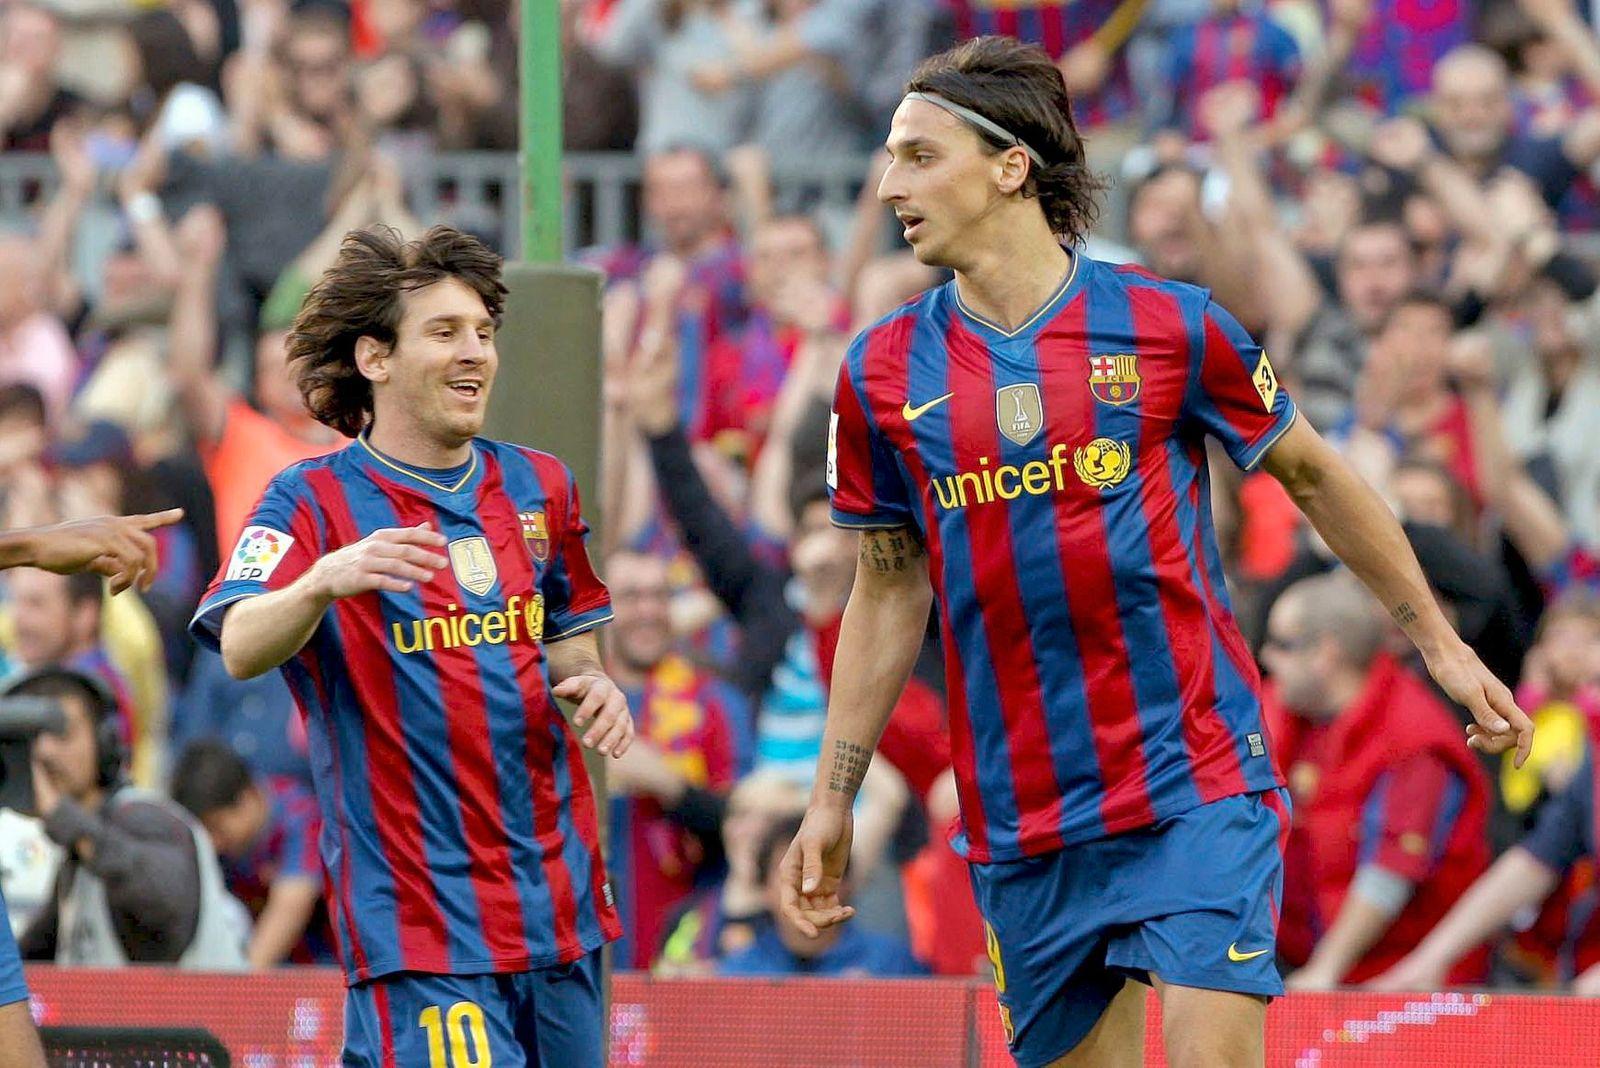 FC Barcelona - Deportivo Xerez